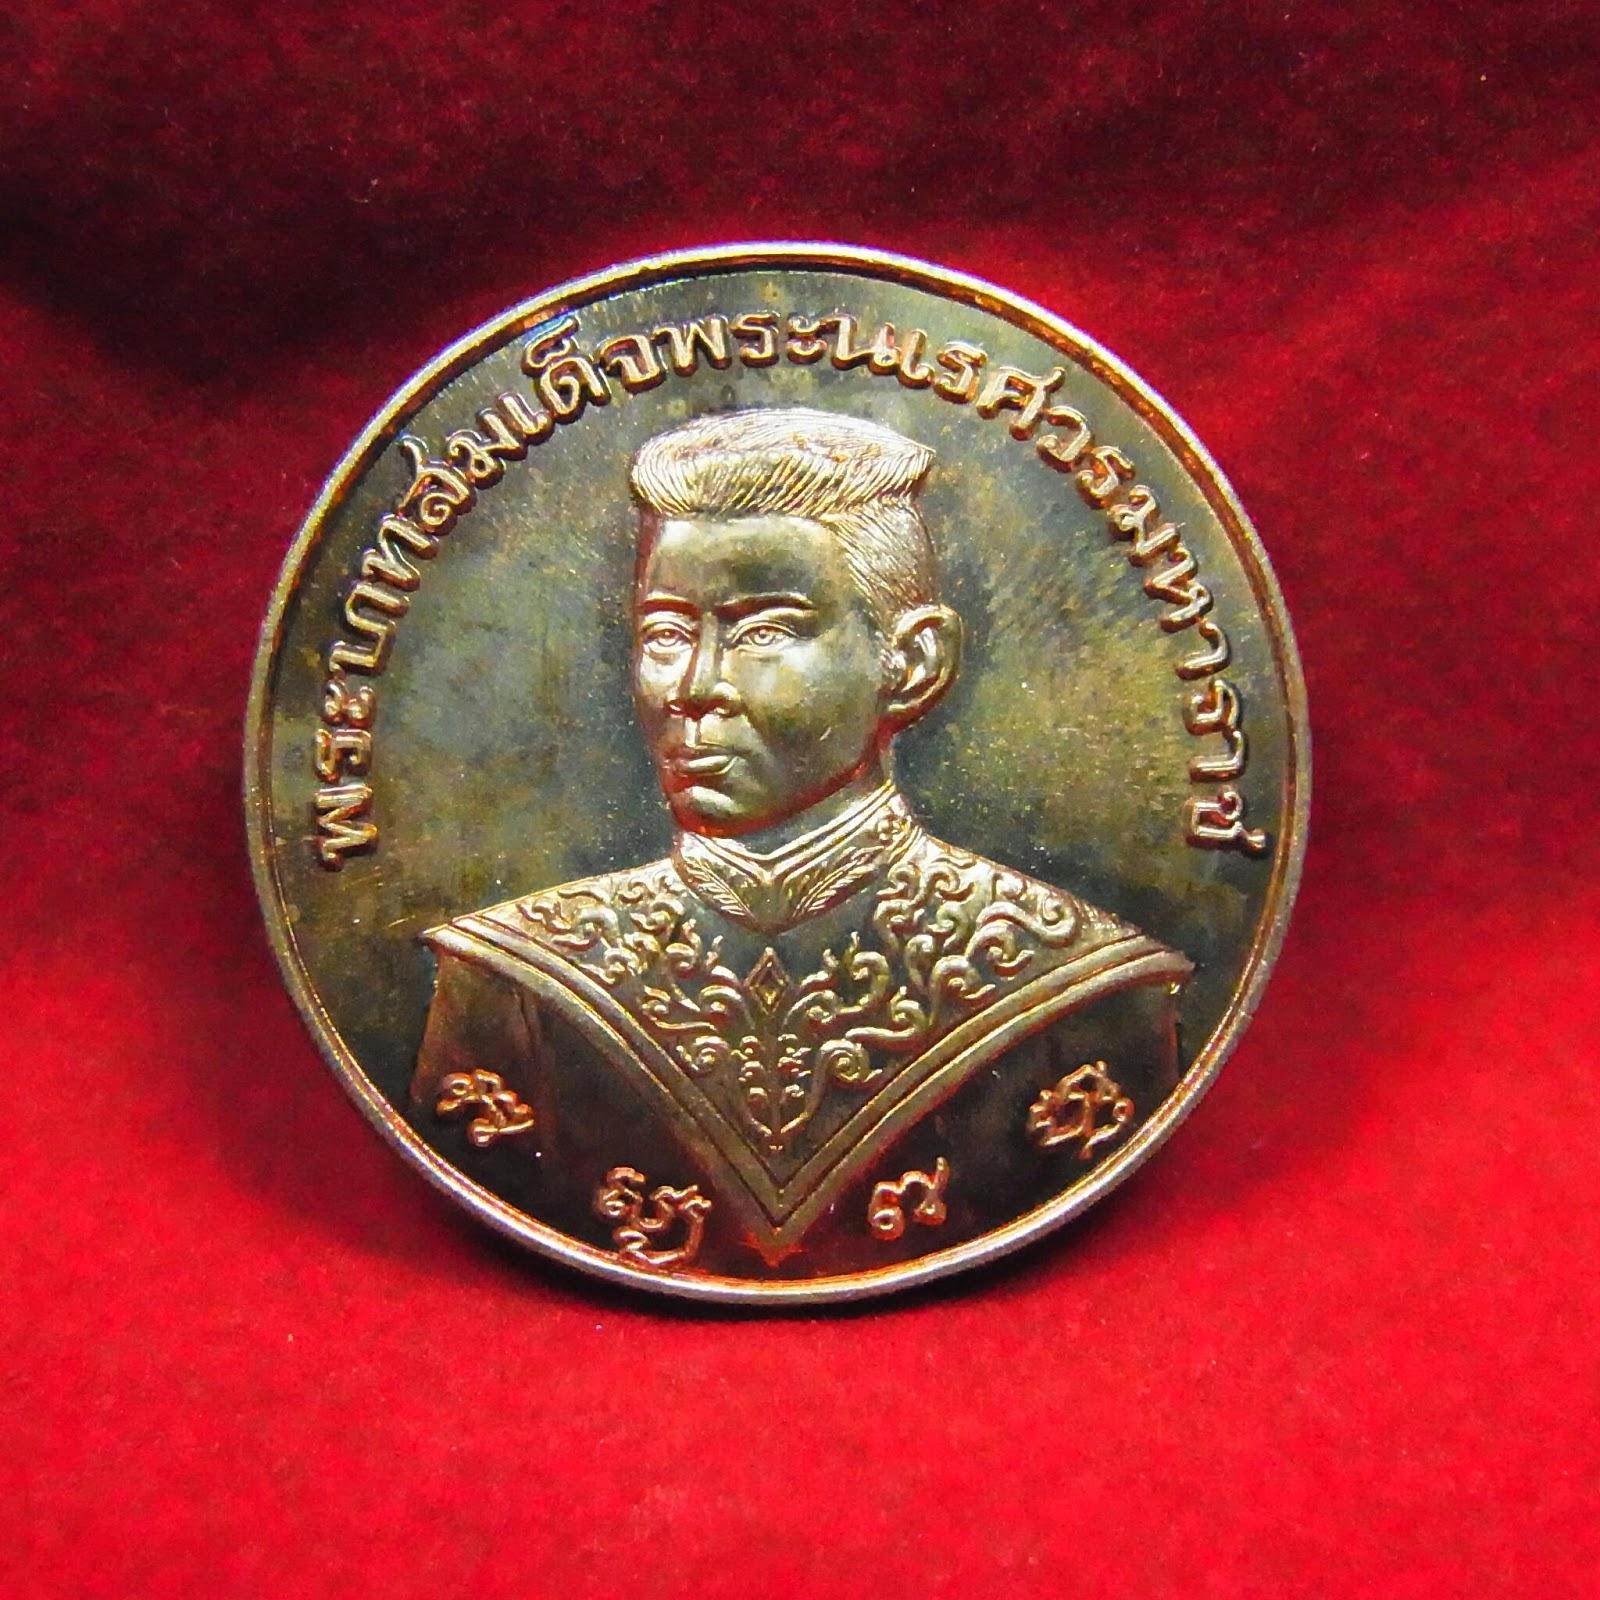 พระบ้าน: เหรียญสมเด็จพระนเรศวร พิธีมหาชัยมังคลาภิเษก ณ พระบรมราชานุสรณ์ดอนเจดีย์  สุพรรณบุรี 2540